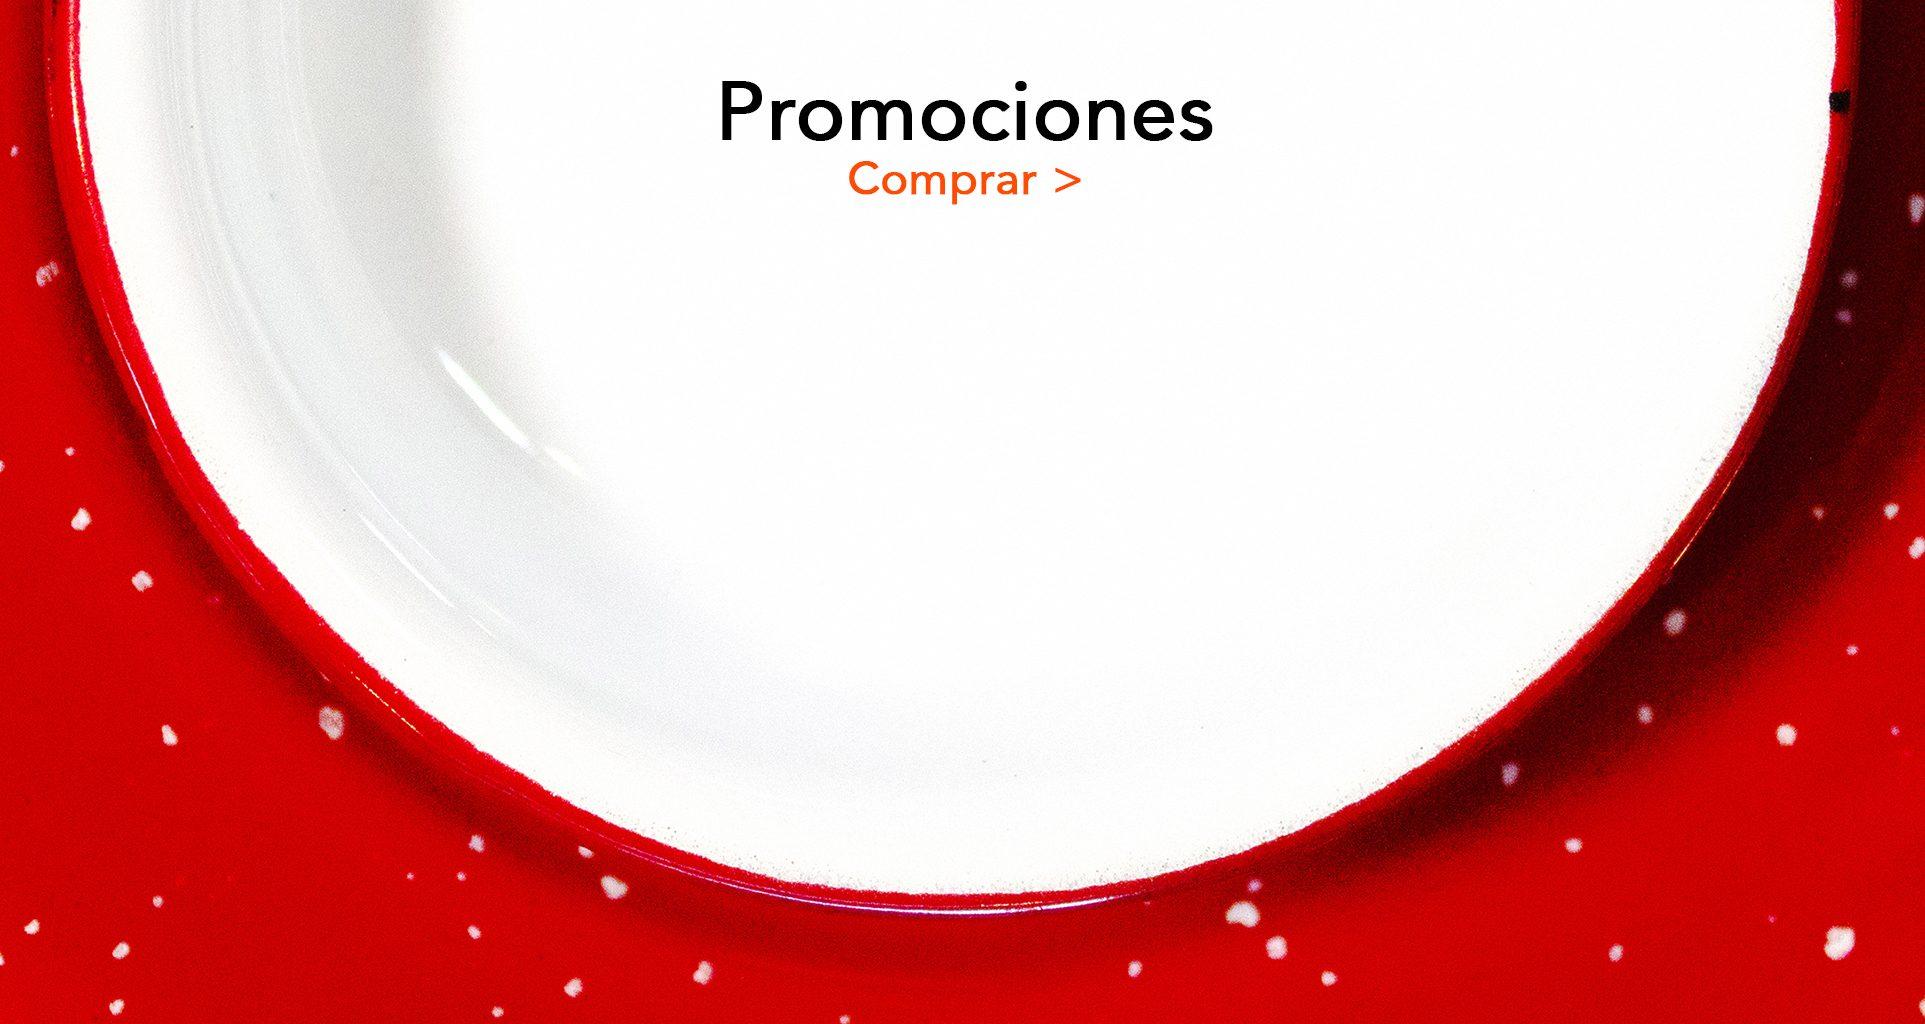 07_Promociones_Gastroart